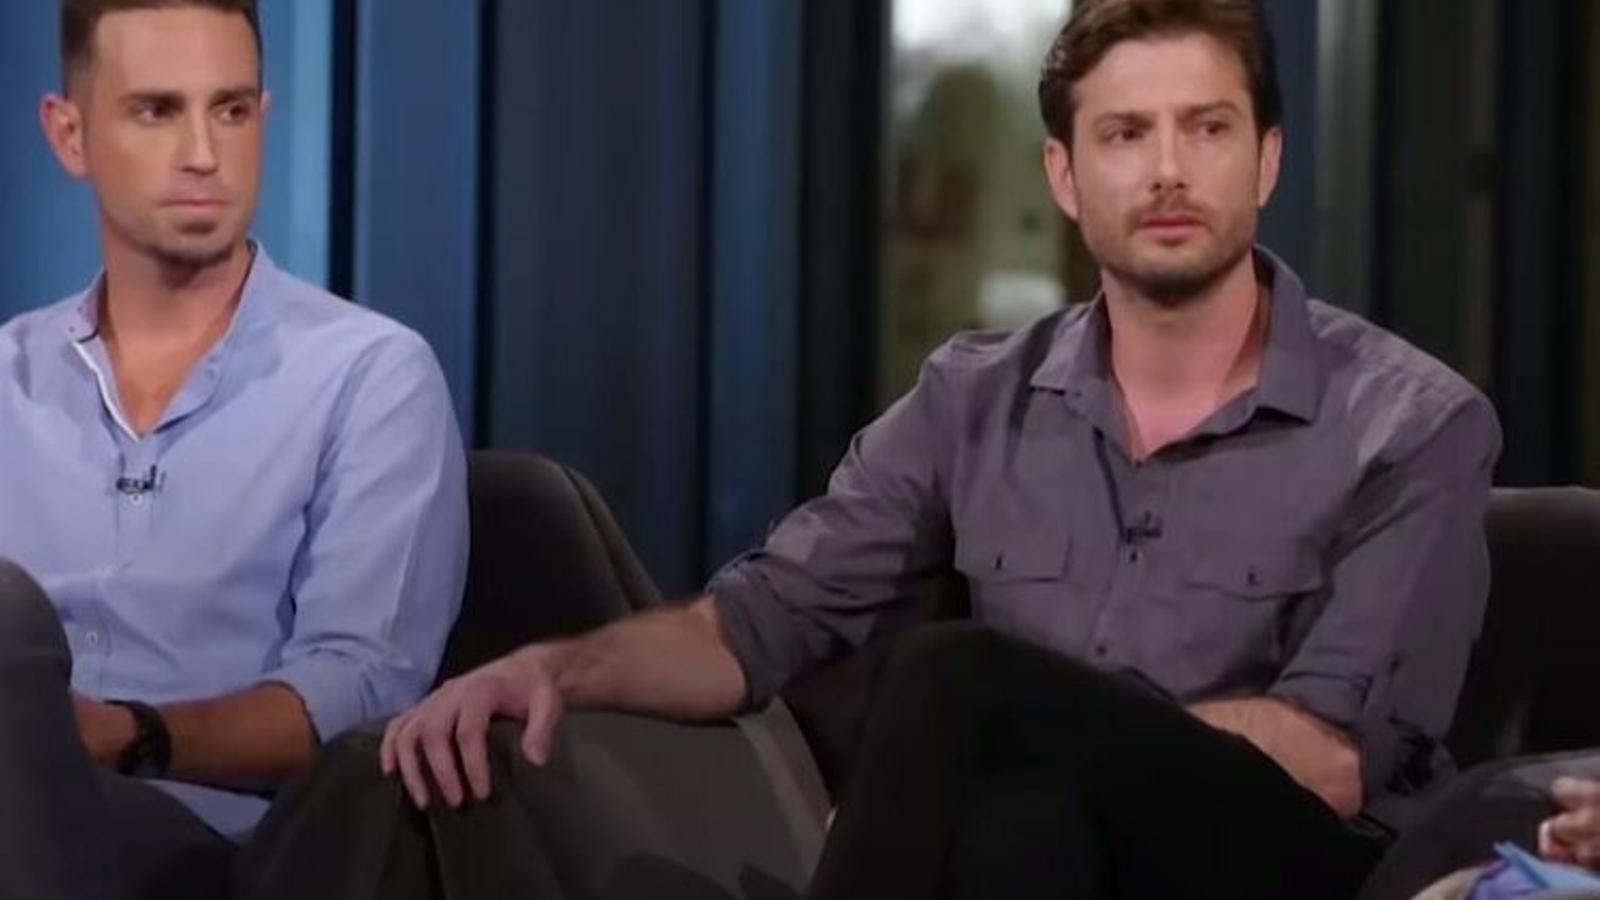 Els dos homes que denuncien a 'Leaving Neverland' els suposats abusos de Jackson, Wade Robson i James Safechuck